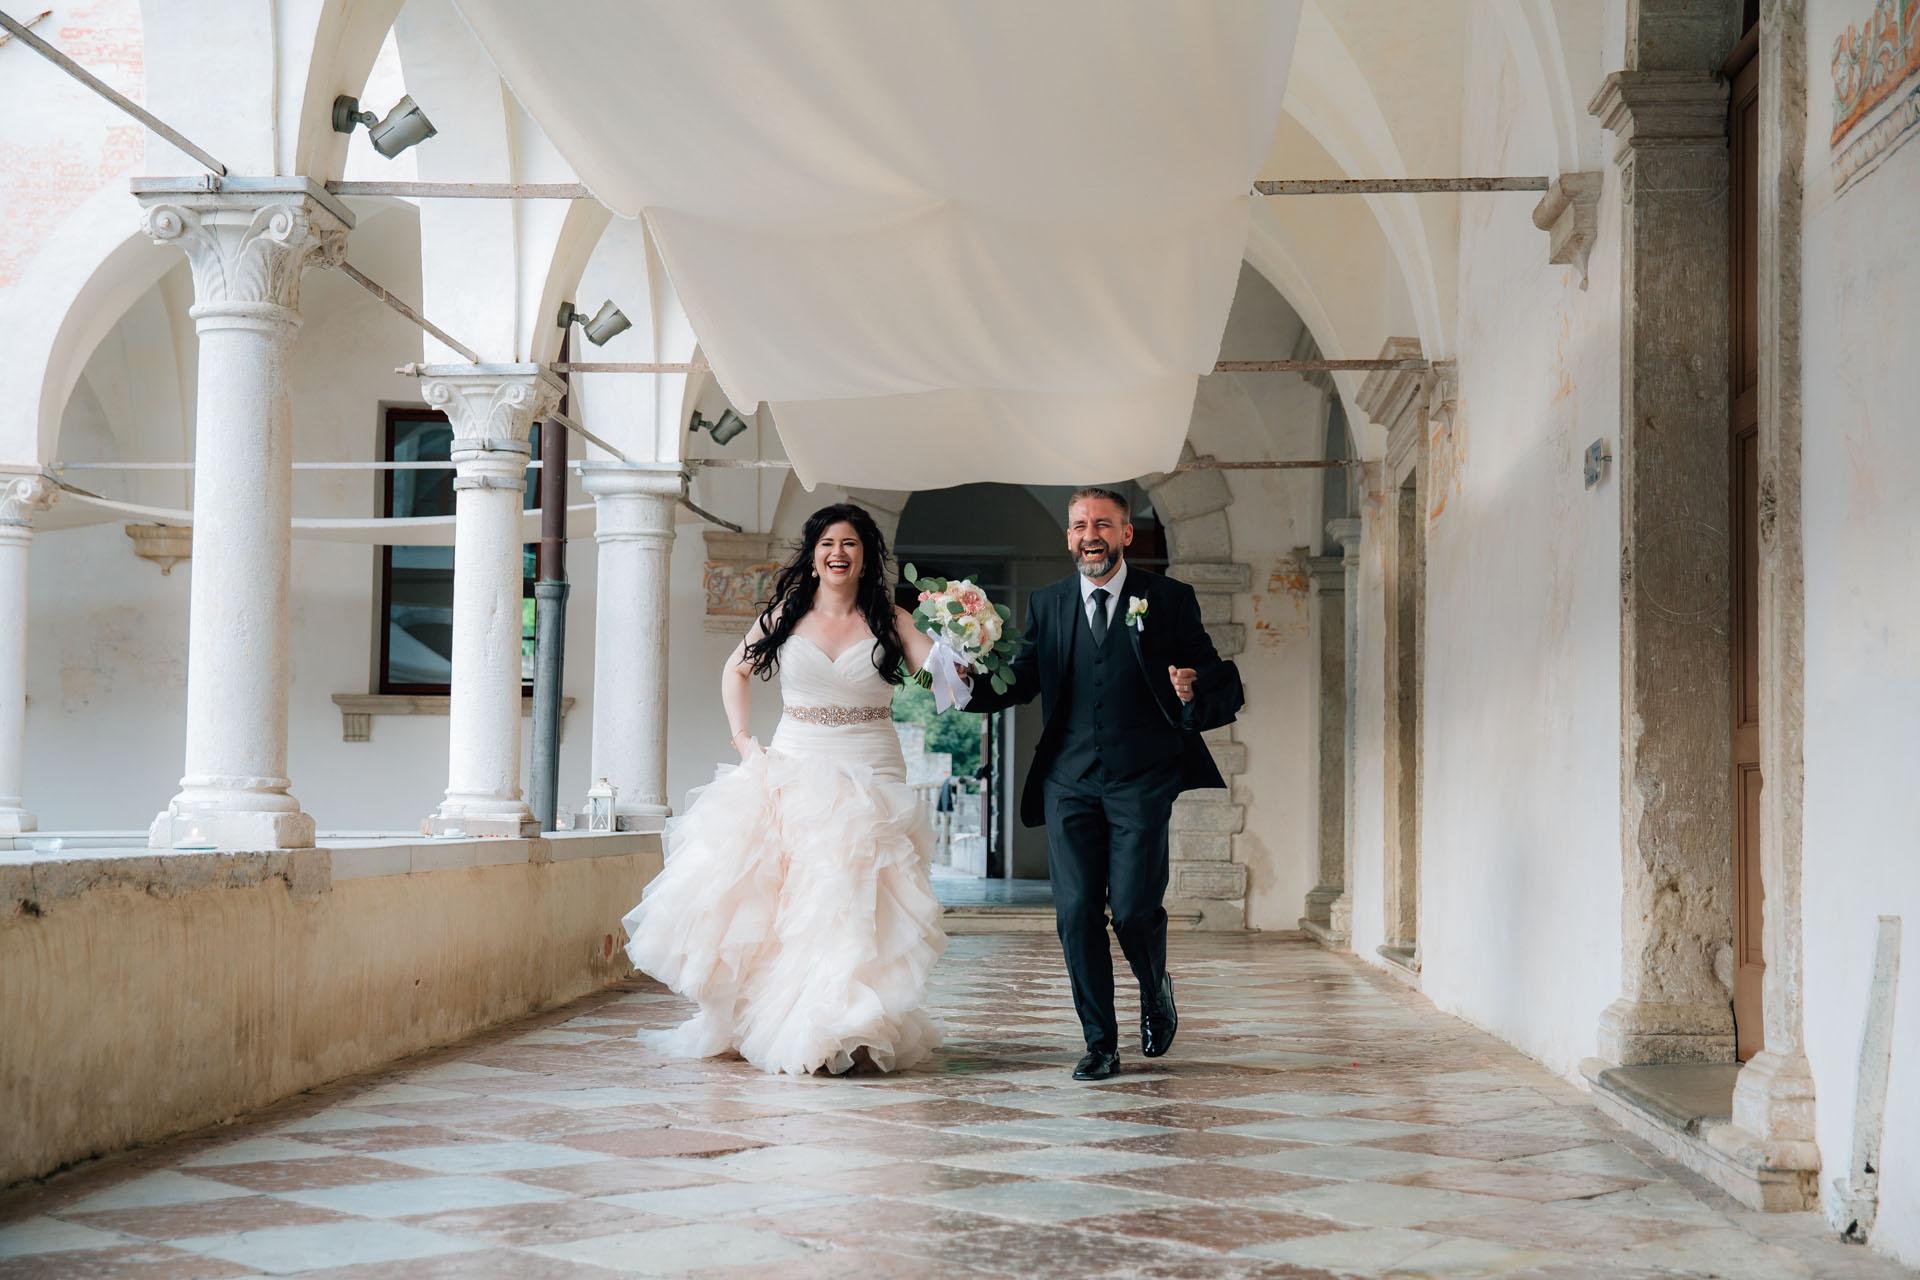 Jessica-Jason-Weddingdestination-Storytelling-Renato-Zanette-Fotografo-Convento-San-Francesco-Conegliano-Treviso-Veneto-Arriviamo